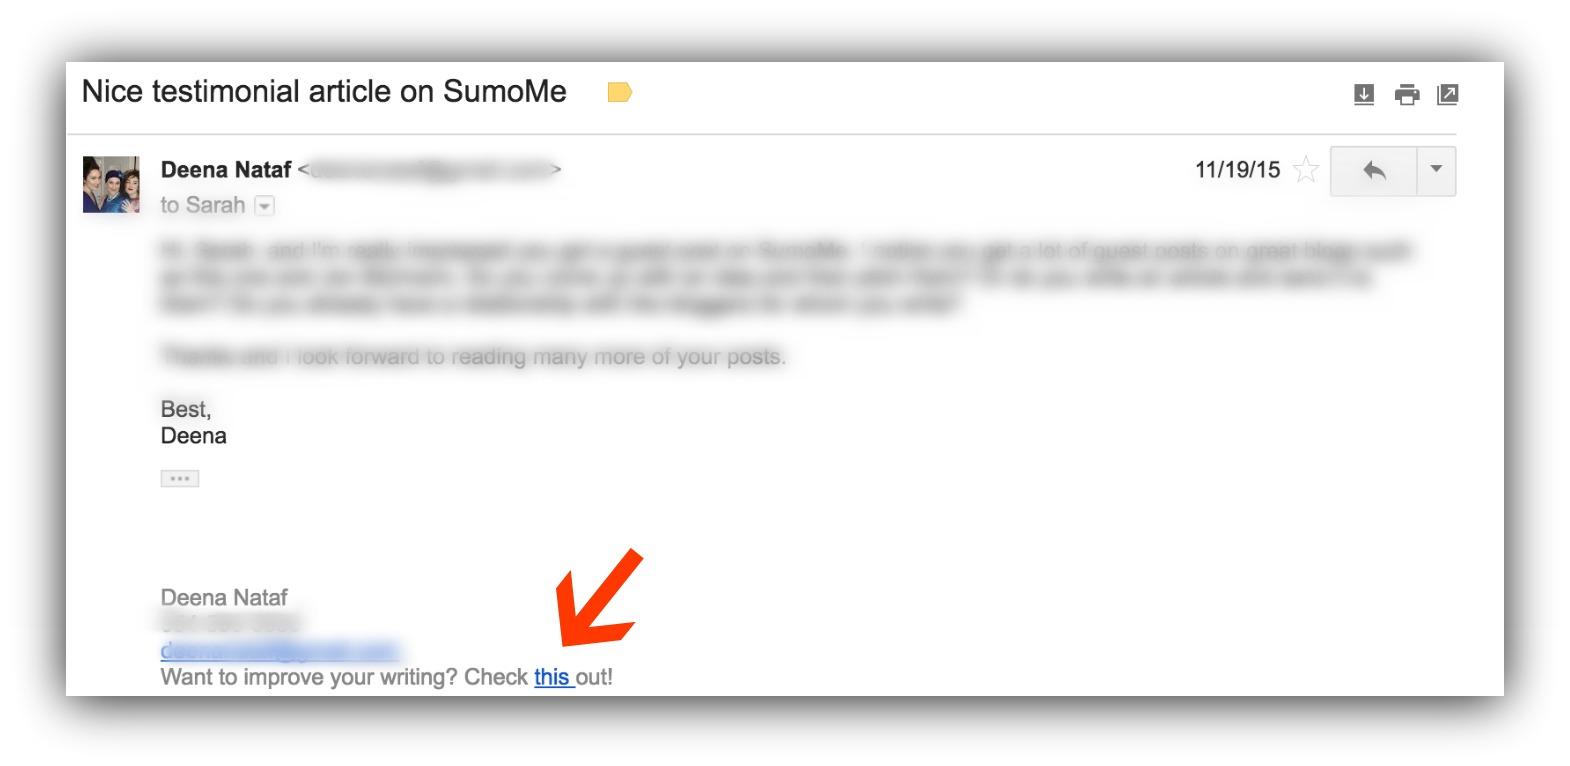 18 Módszer, Hogyan Gyűjts E-mail Címeket a Termékeiddel